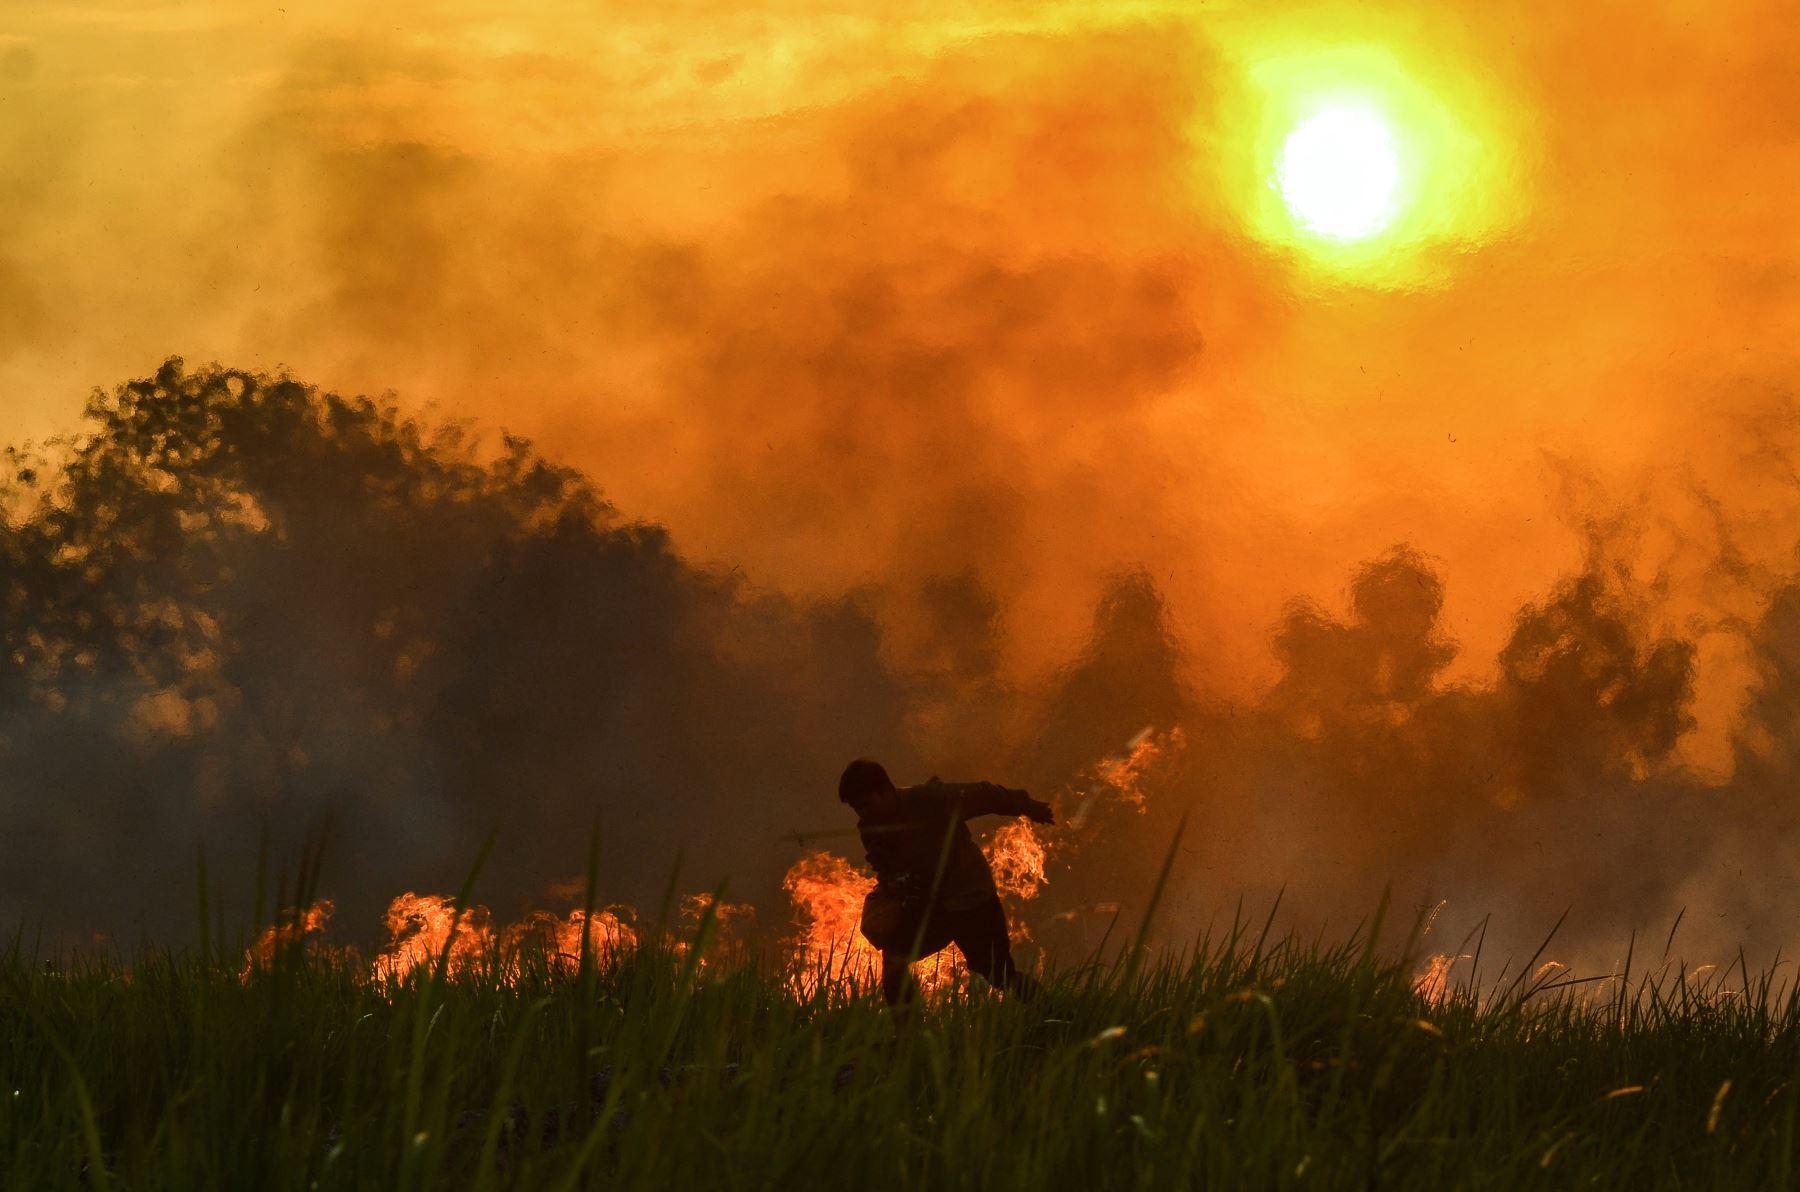 Un oficial de la Fuerza de Tareas de Incendios Forestales y Terrestres intenta apagar un incendio en una plantación de aceite de palma en Pekanbaru, en la provincia de Riau. AFP